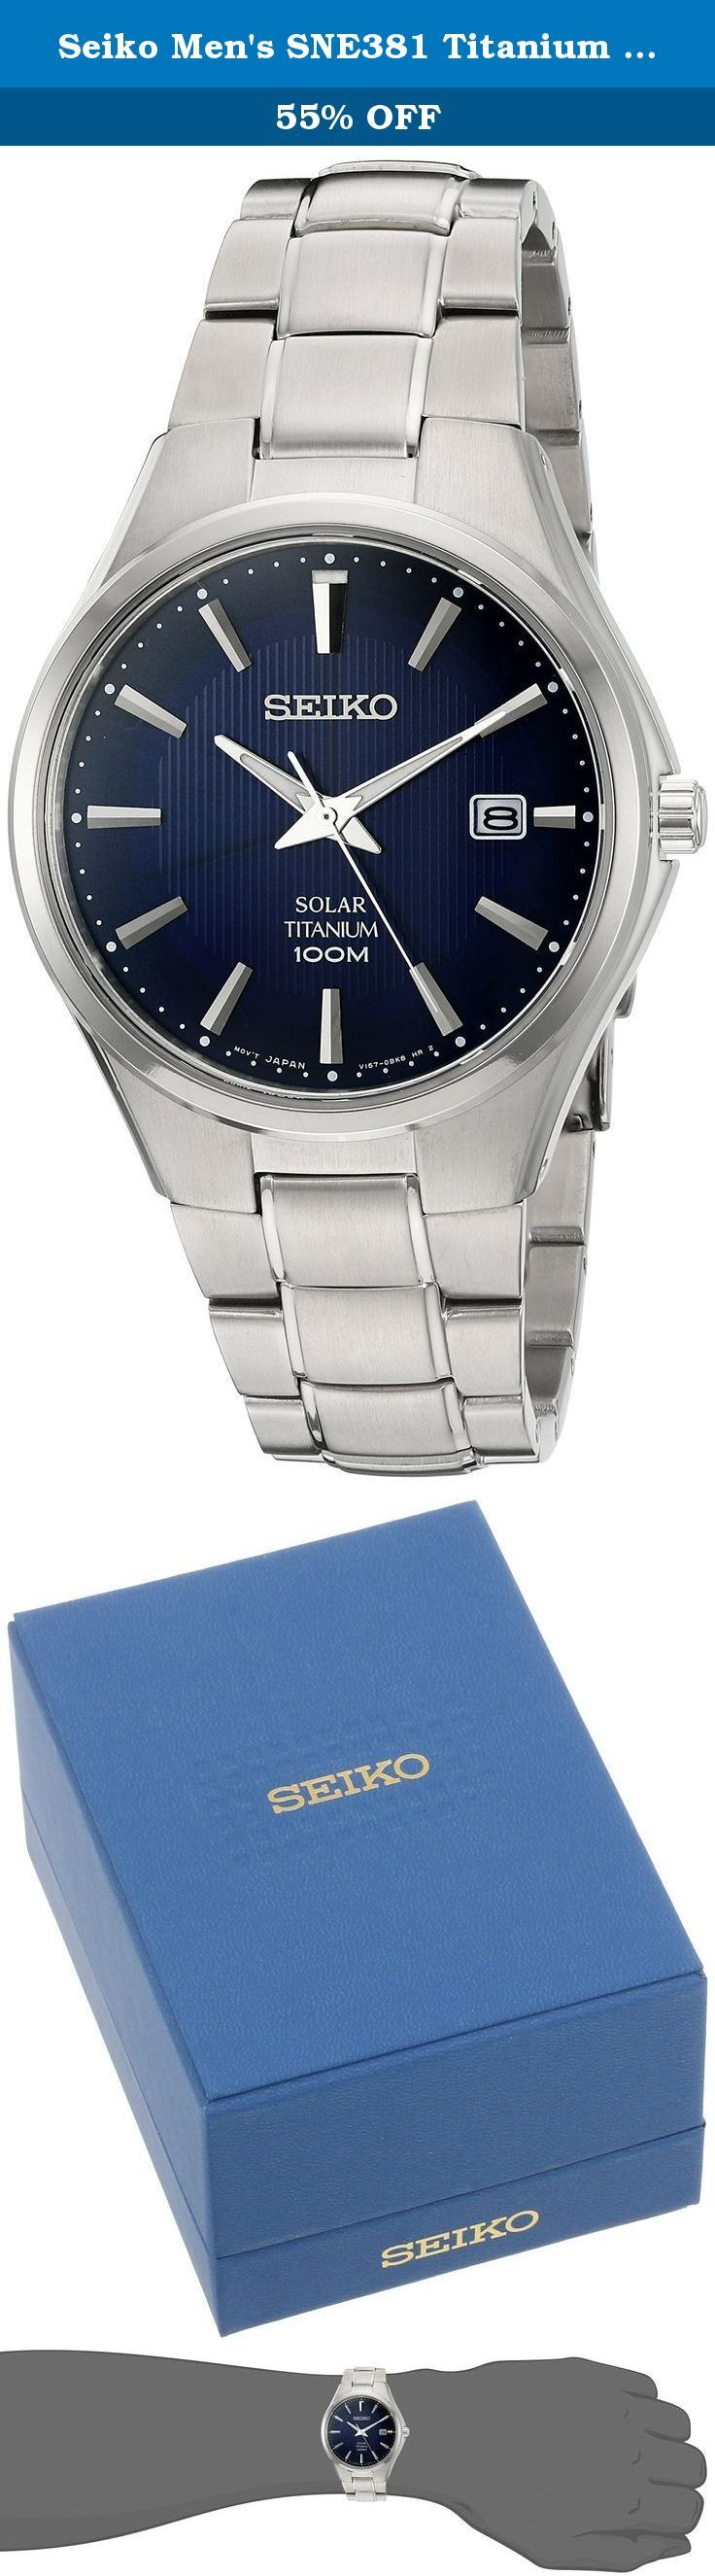 Seiko Men's SNE381 Titanium Watch with Blue Dial. SEIKO CORE.